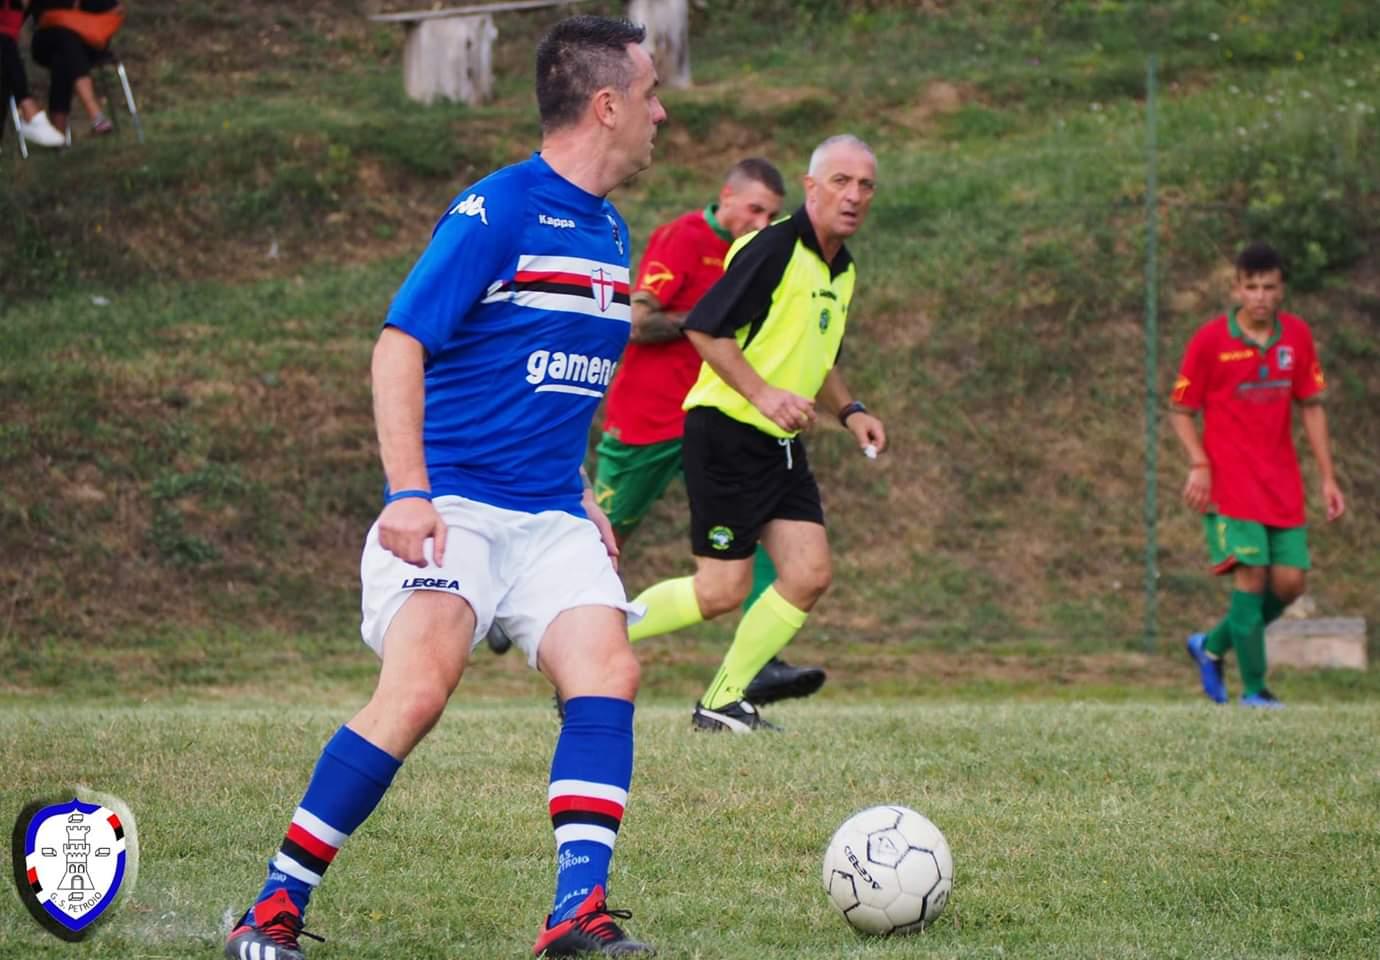 Calcio dilettanti, Terza categoria in campo per la Coppa Provinciale